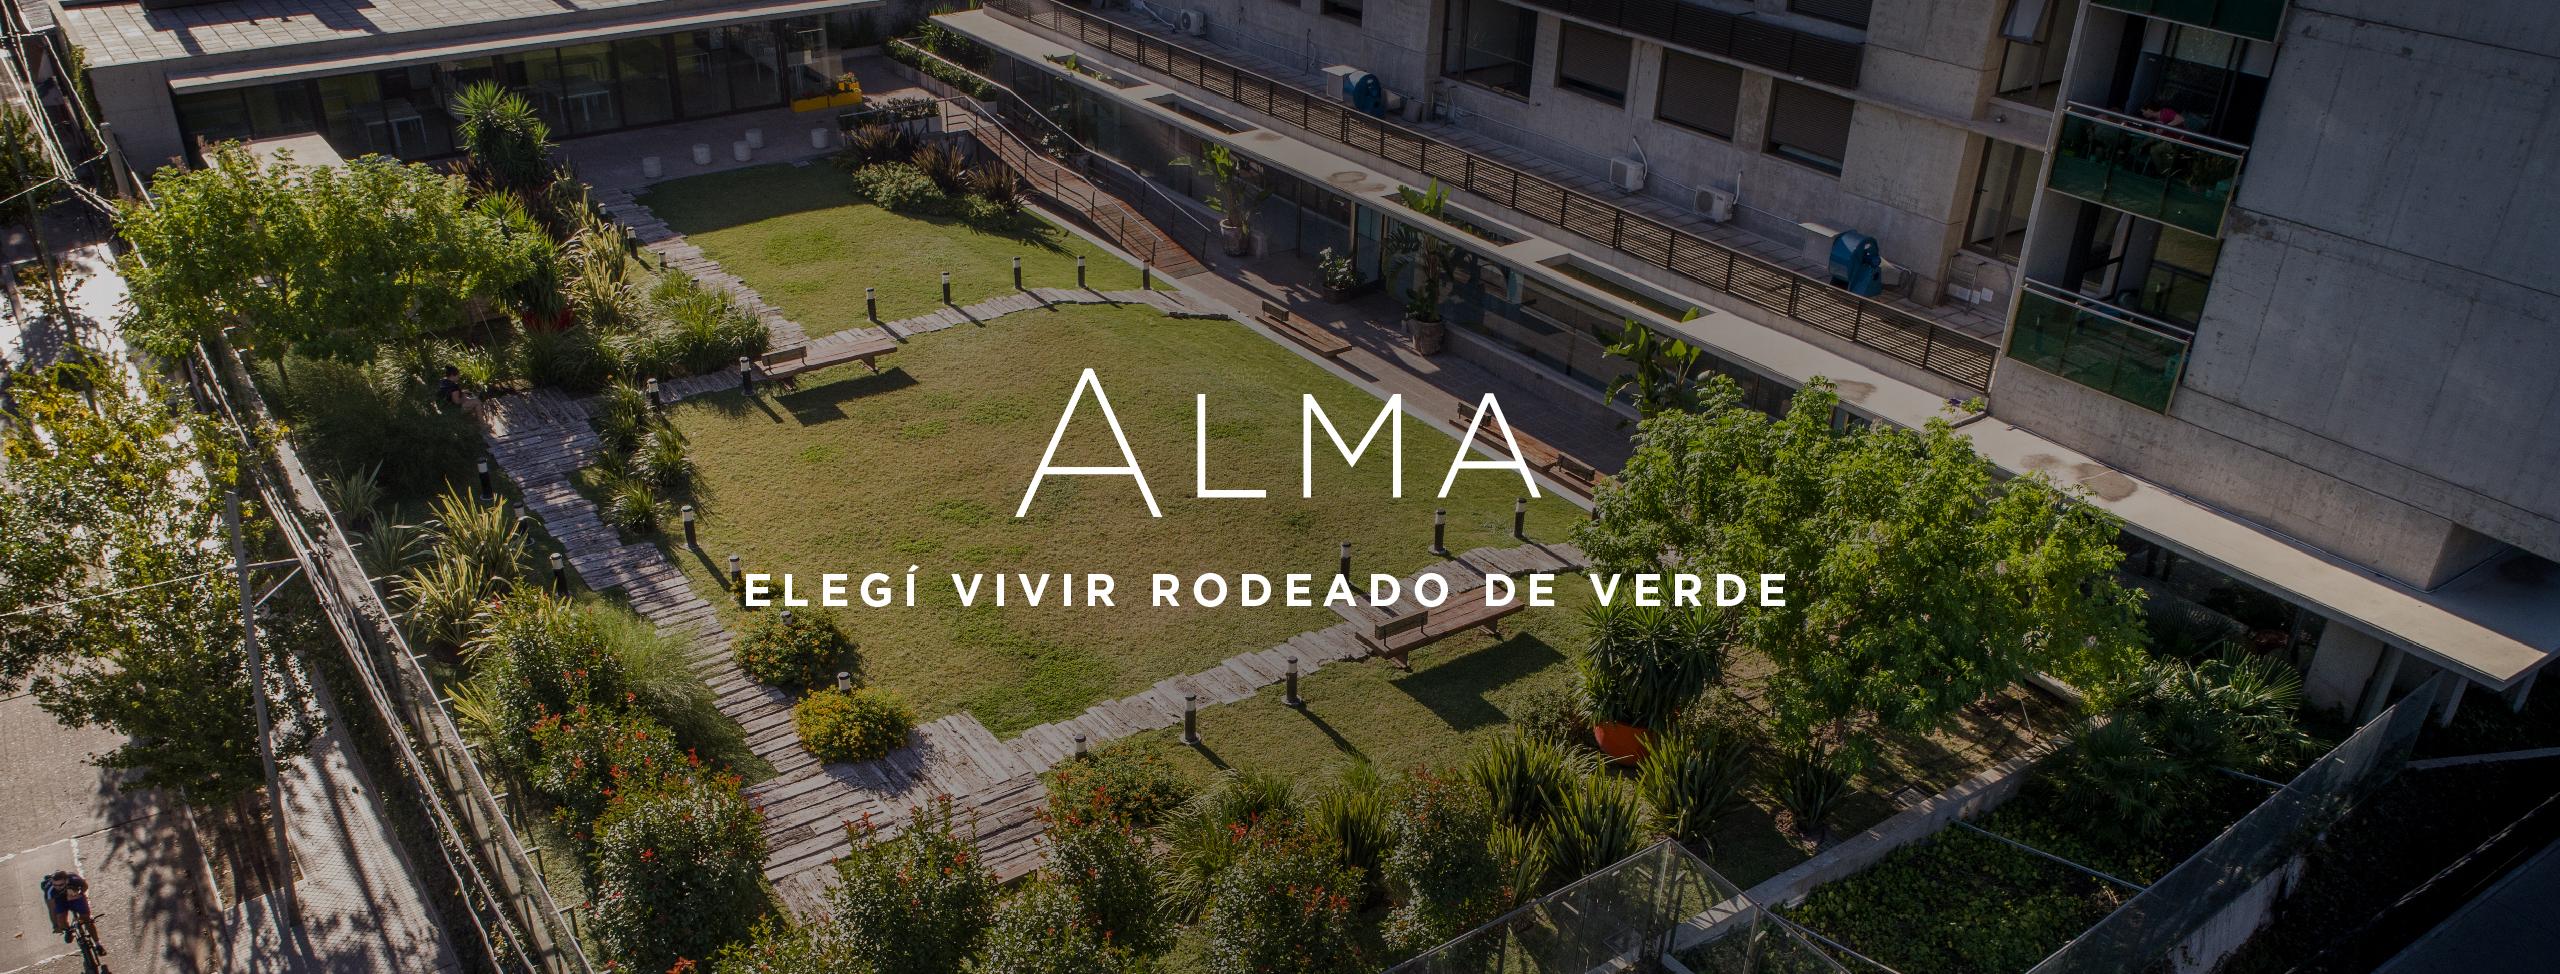 Alma | Verano